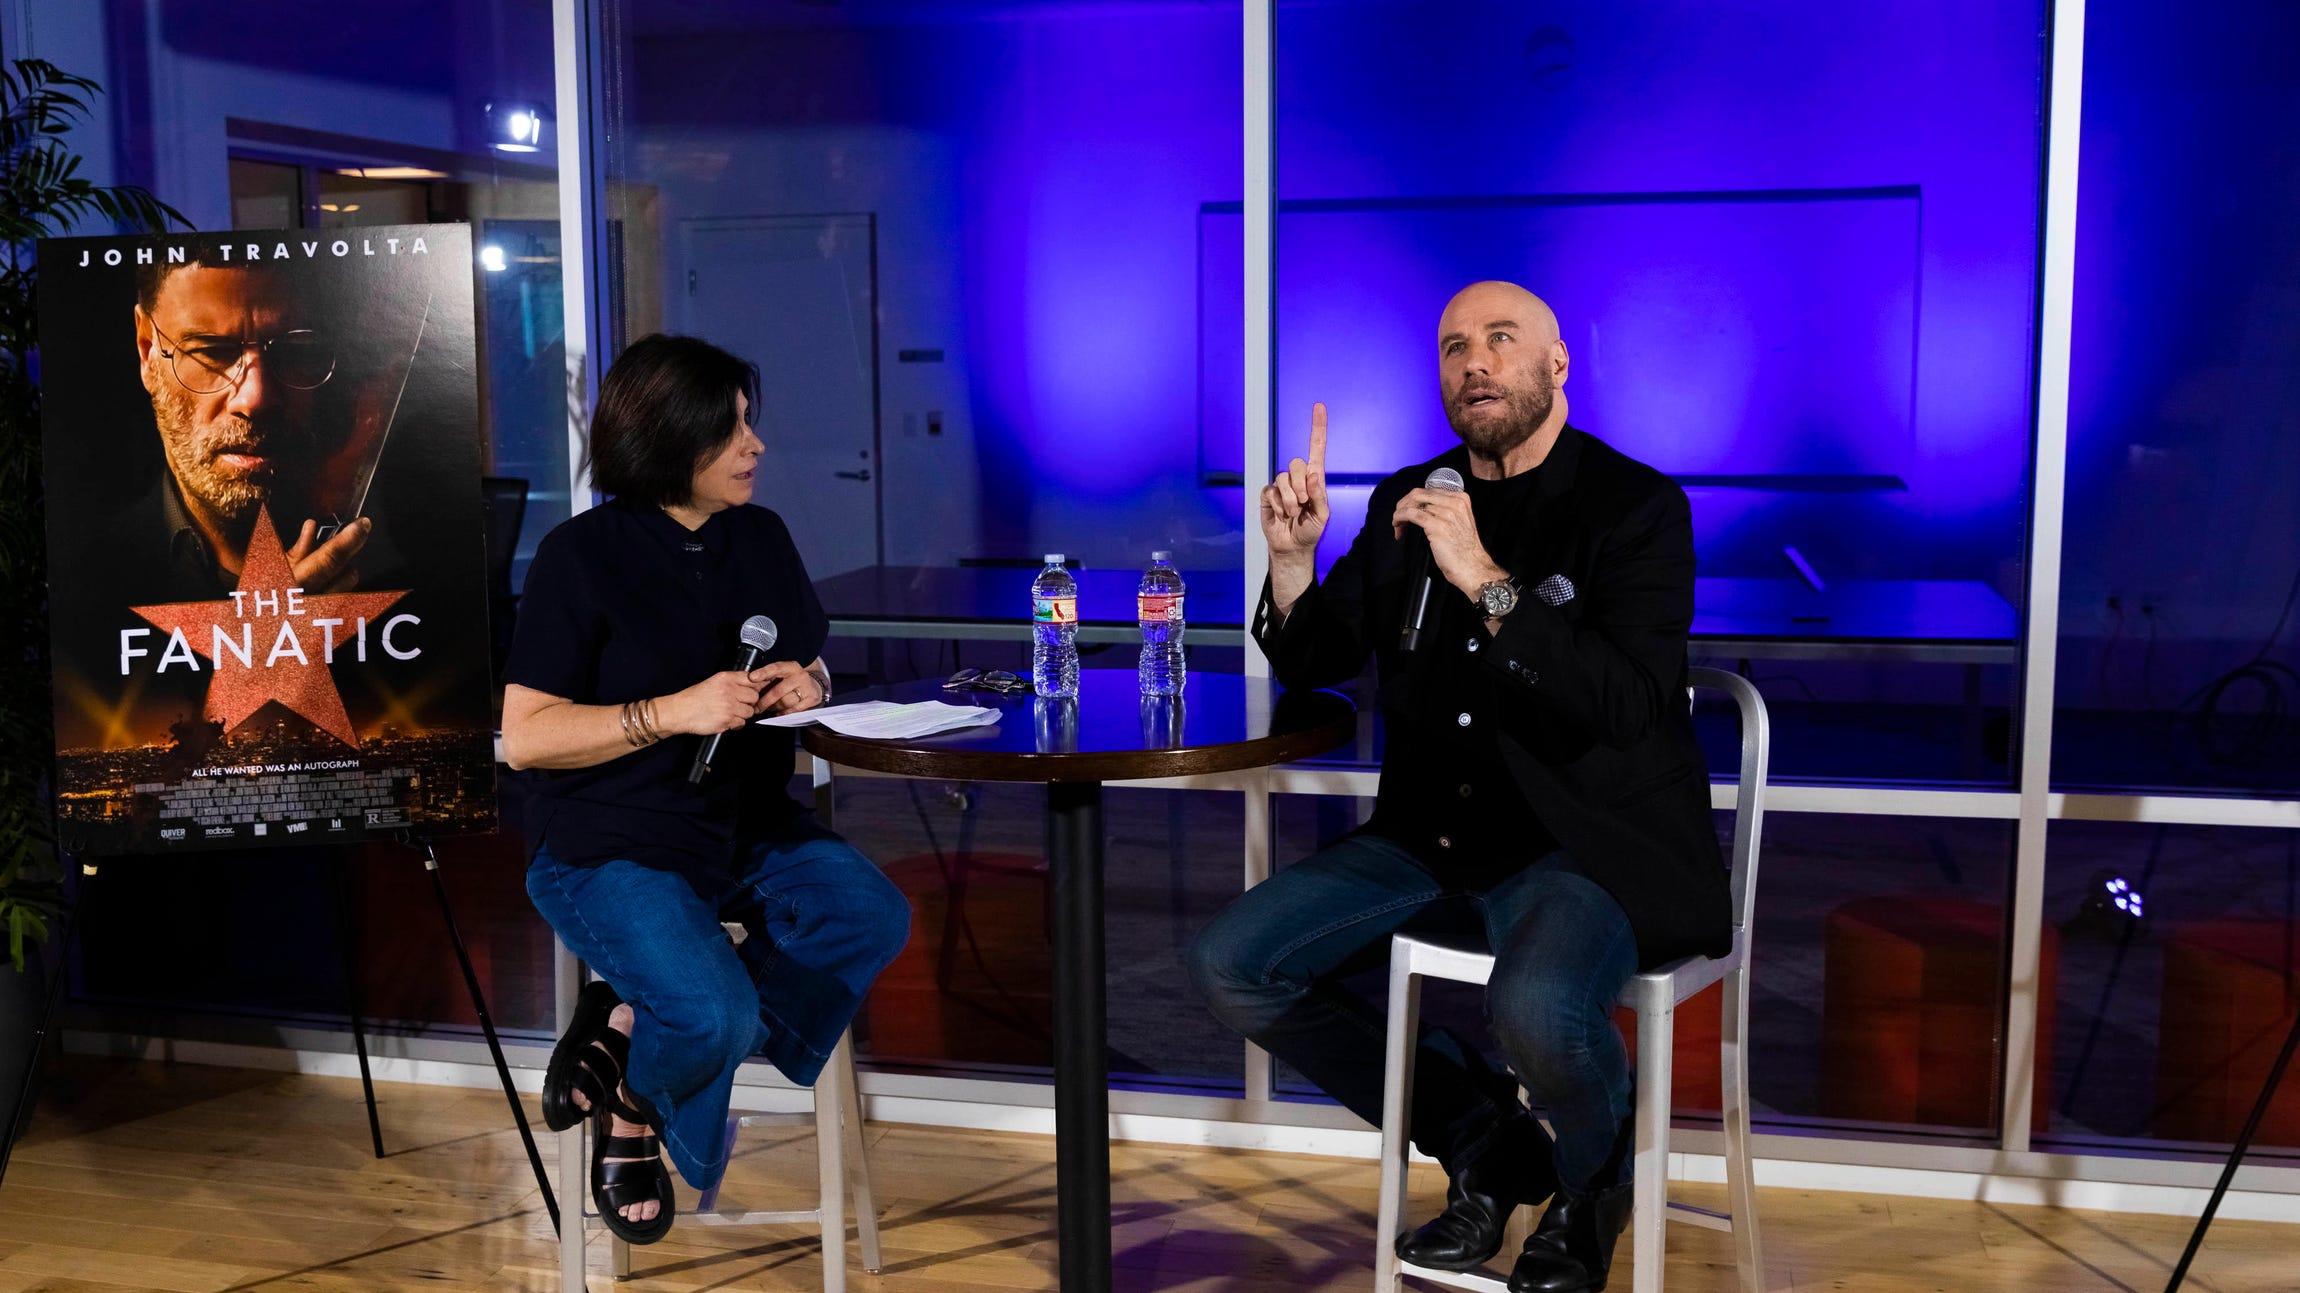 john-travolta-connie-guglielmo-interview-cnet-tw-0820.jpg